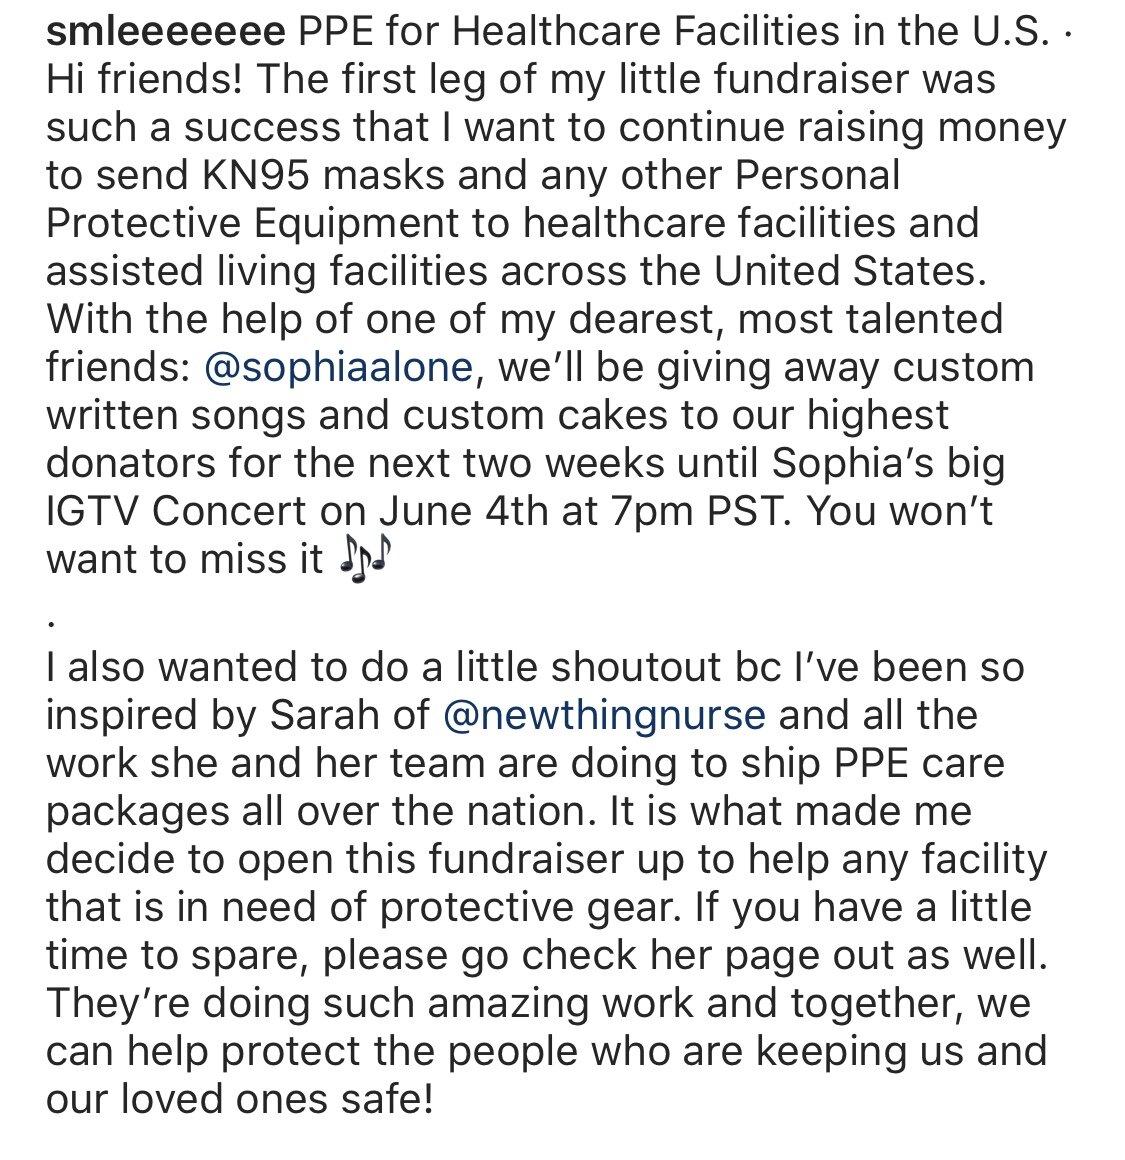 5/21/2020:一名新必威博彩app下载事物护士追随者启动了她自己的募捐活动,将个人防护装备送到需要的医疗机构,并向NTN大声喊话,鼓励她的努力。❤️